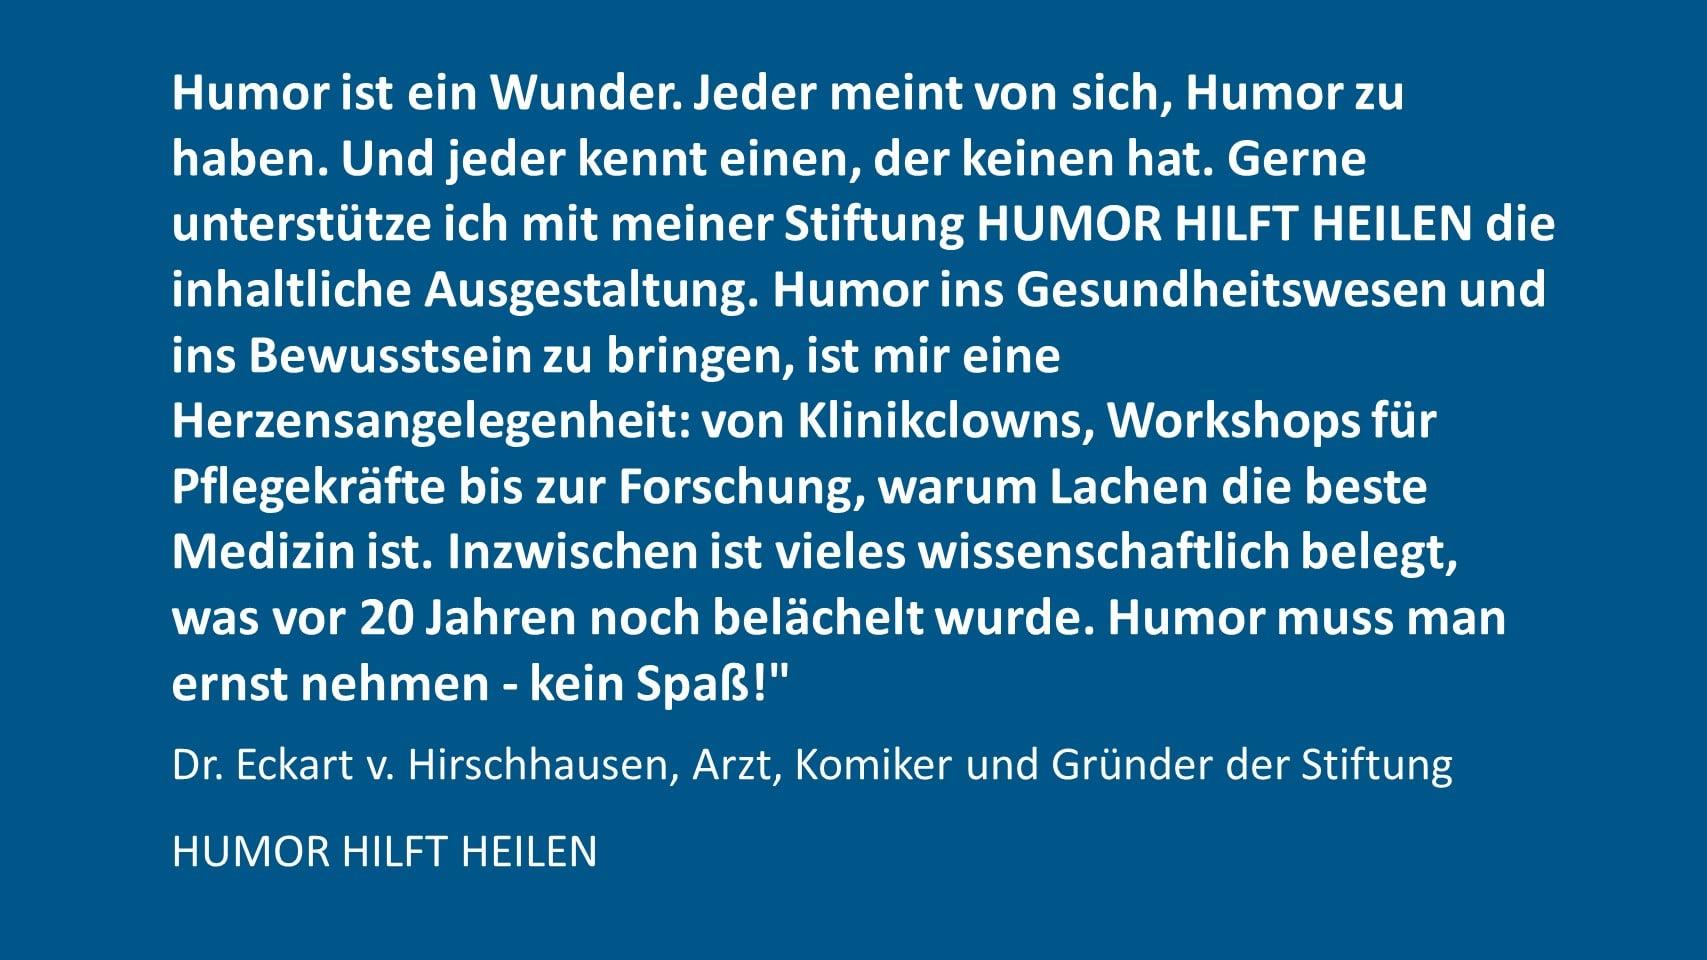 Dr. Eckart v. Hirschhausen, Arzt, Komiker und Gründer der Stiftung HUMOR HILFT HEILEN